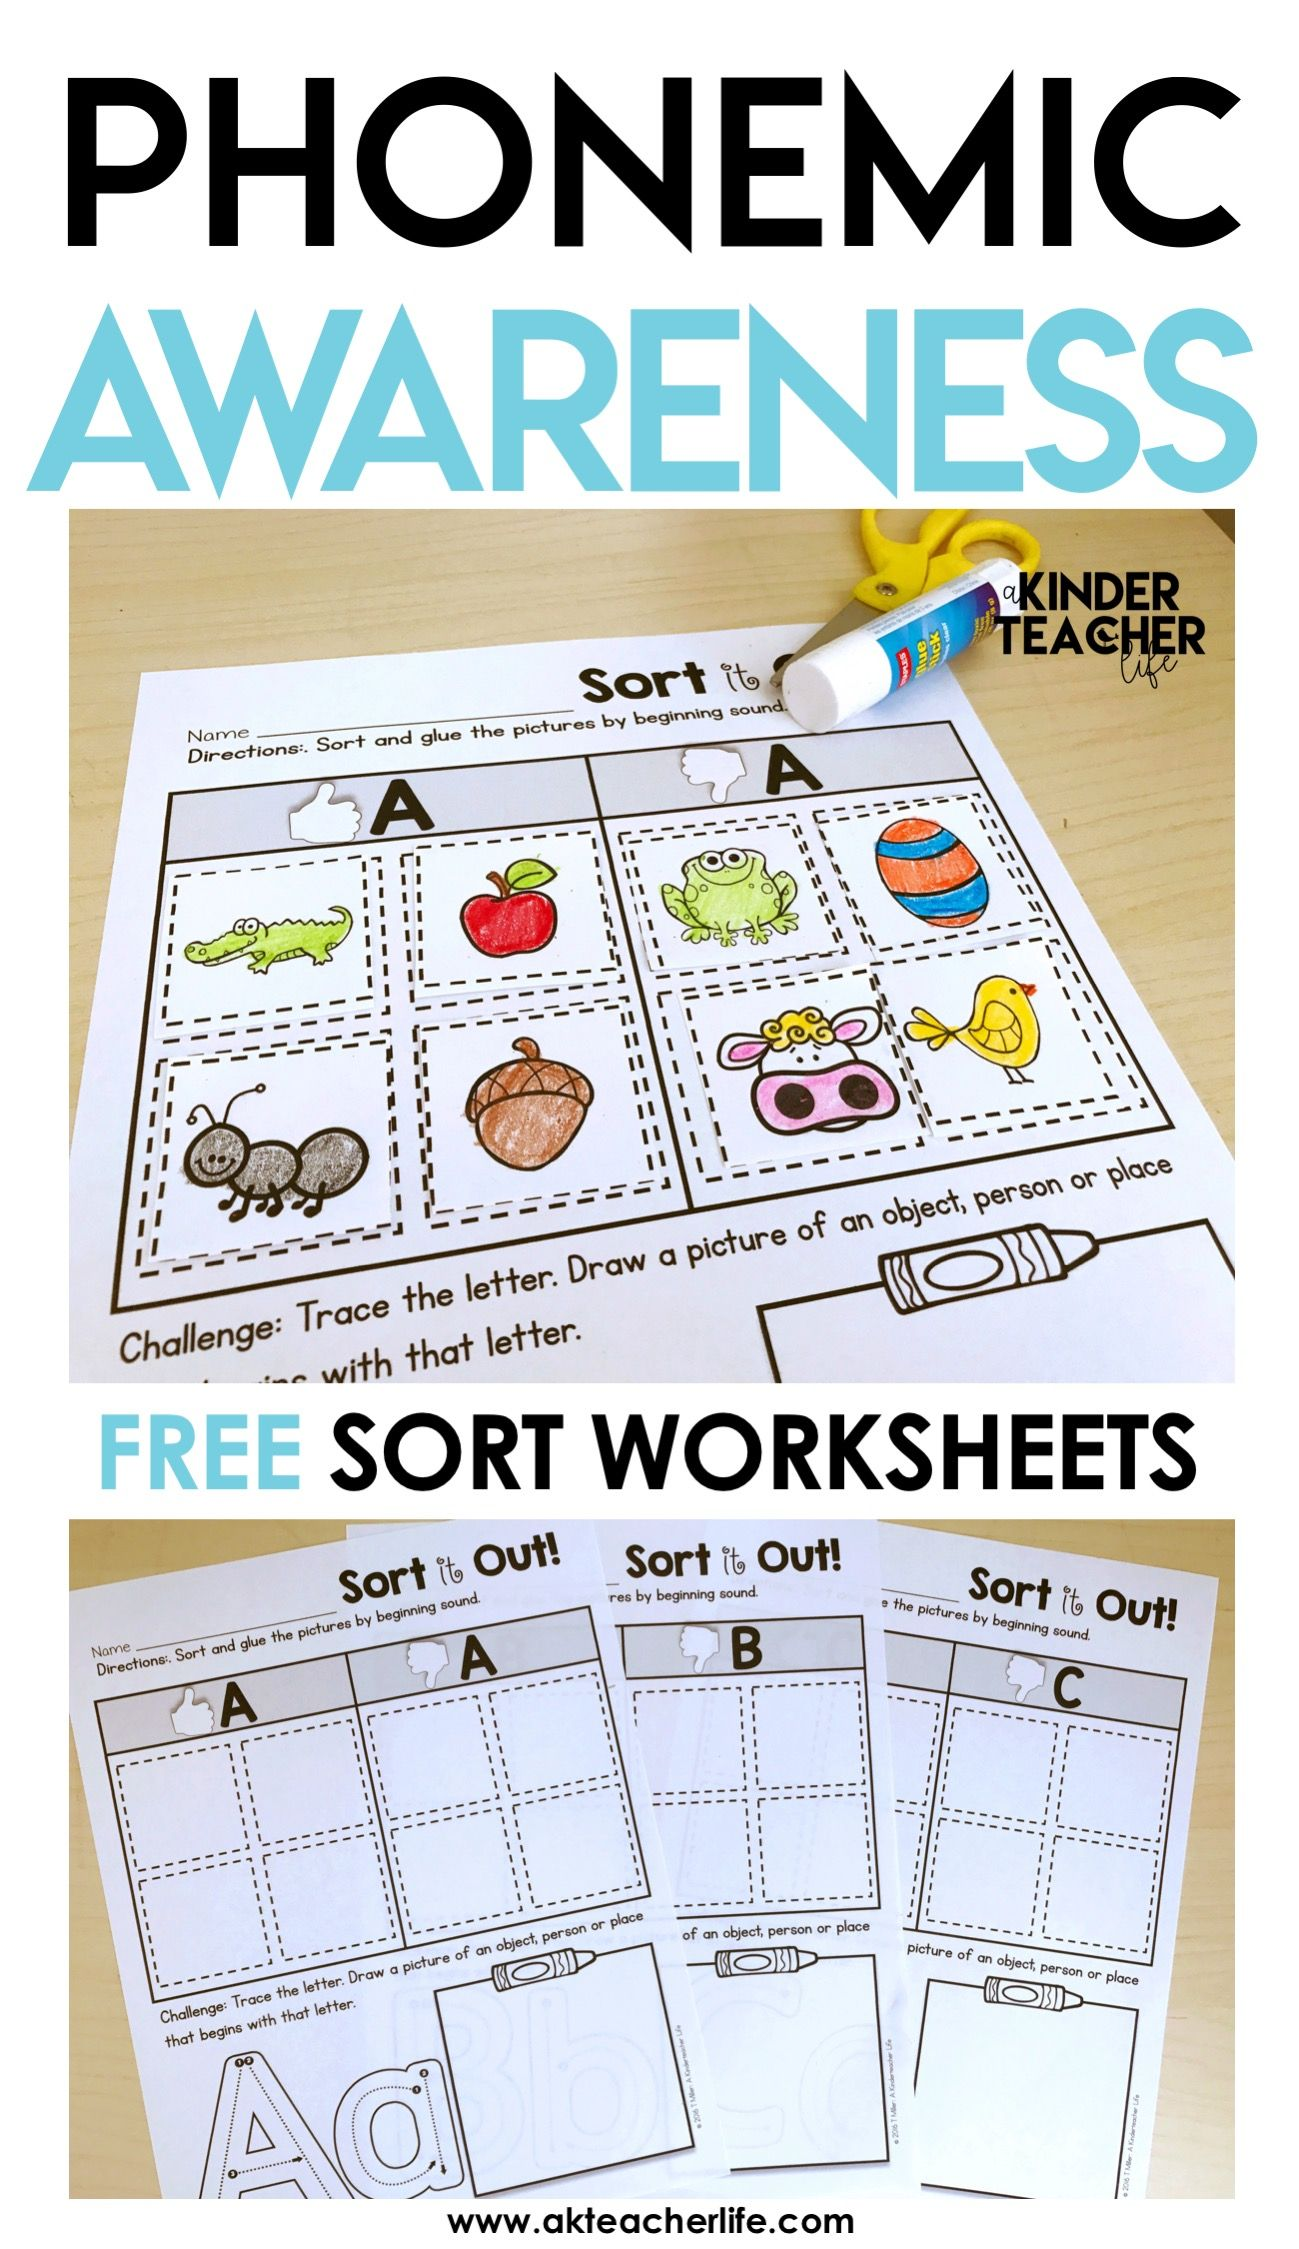 medium resolution of FREE Phonemic Awareness Sorting Worksheets   Phonics kindergarten